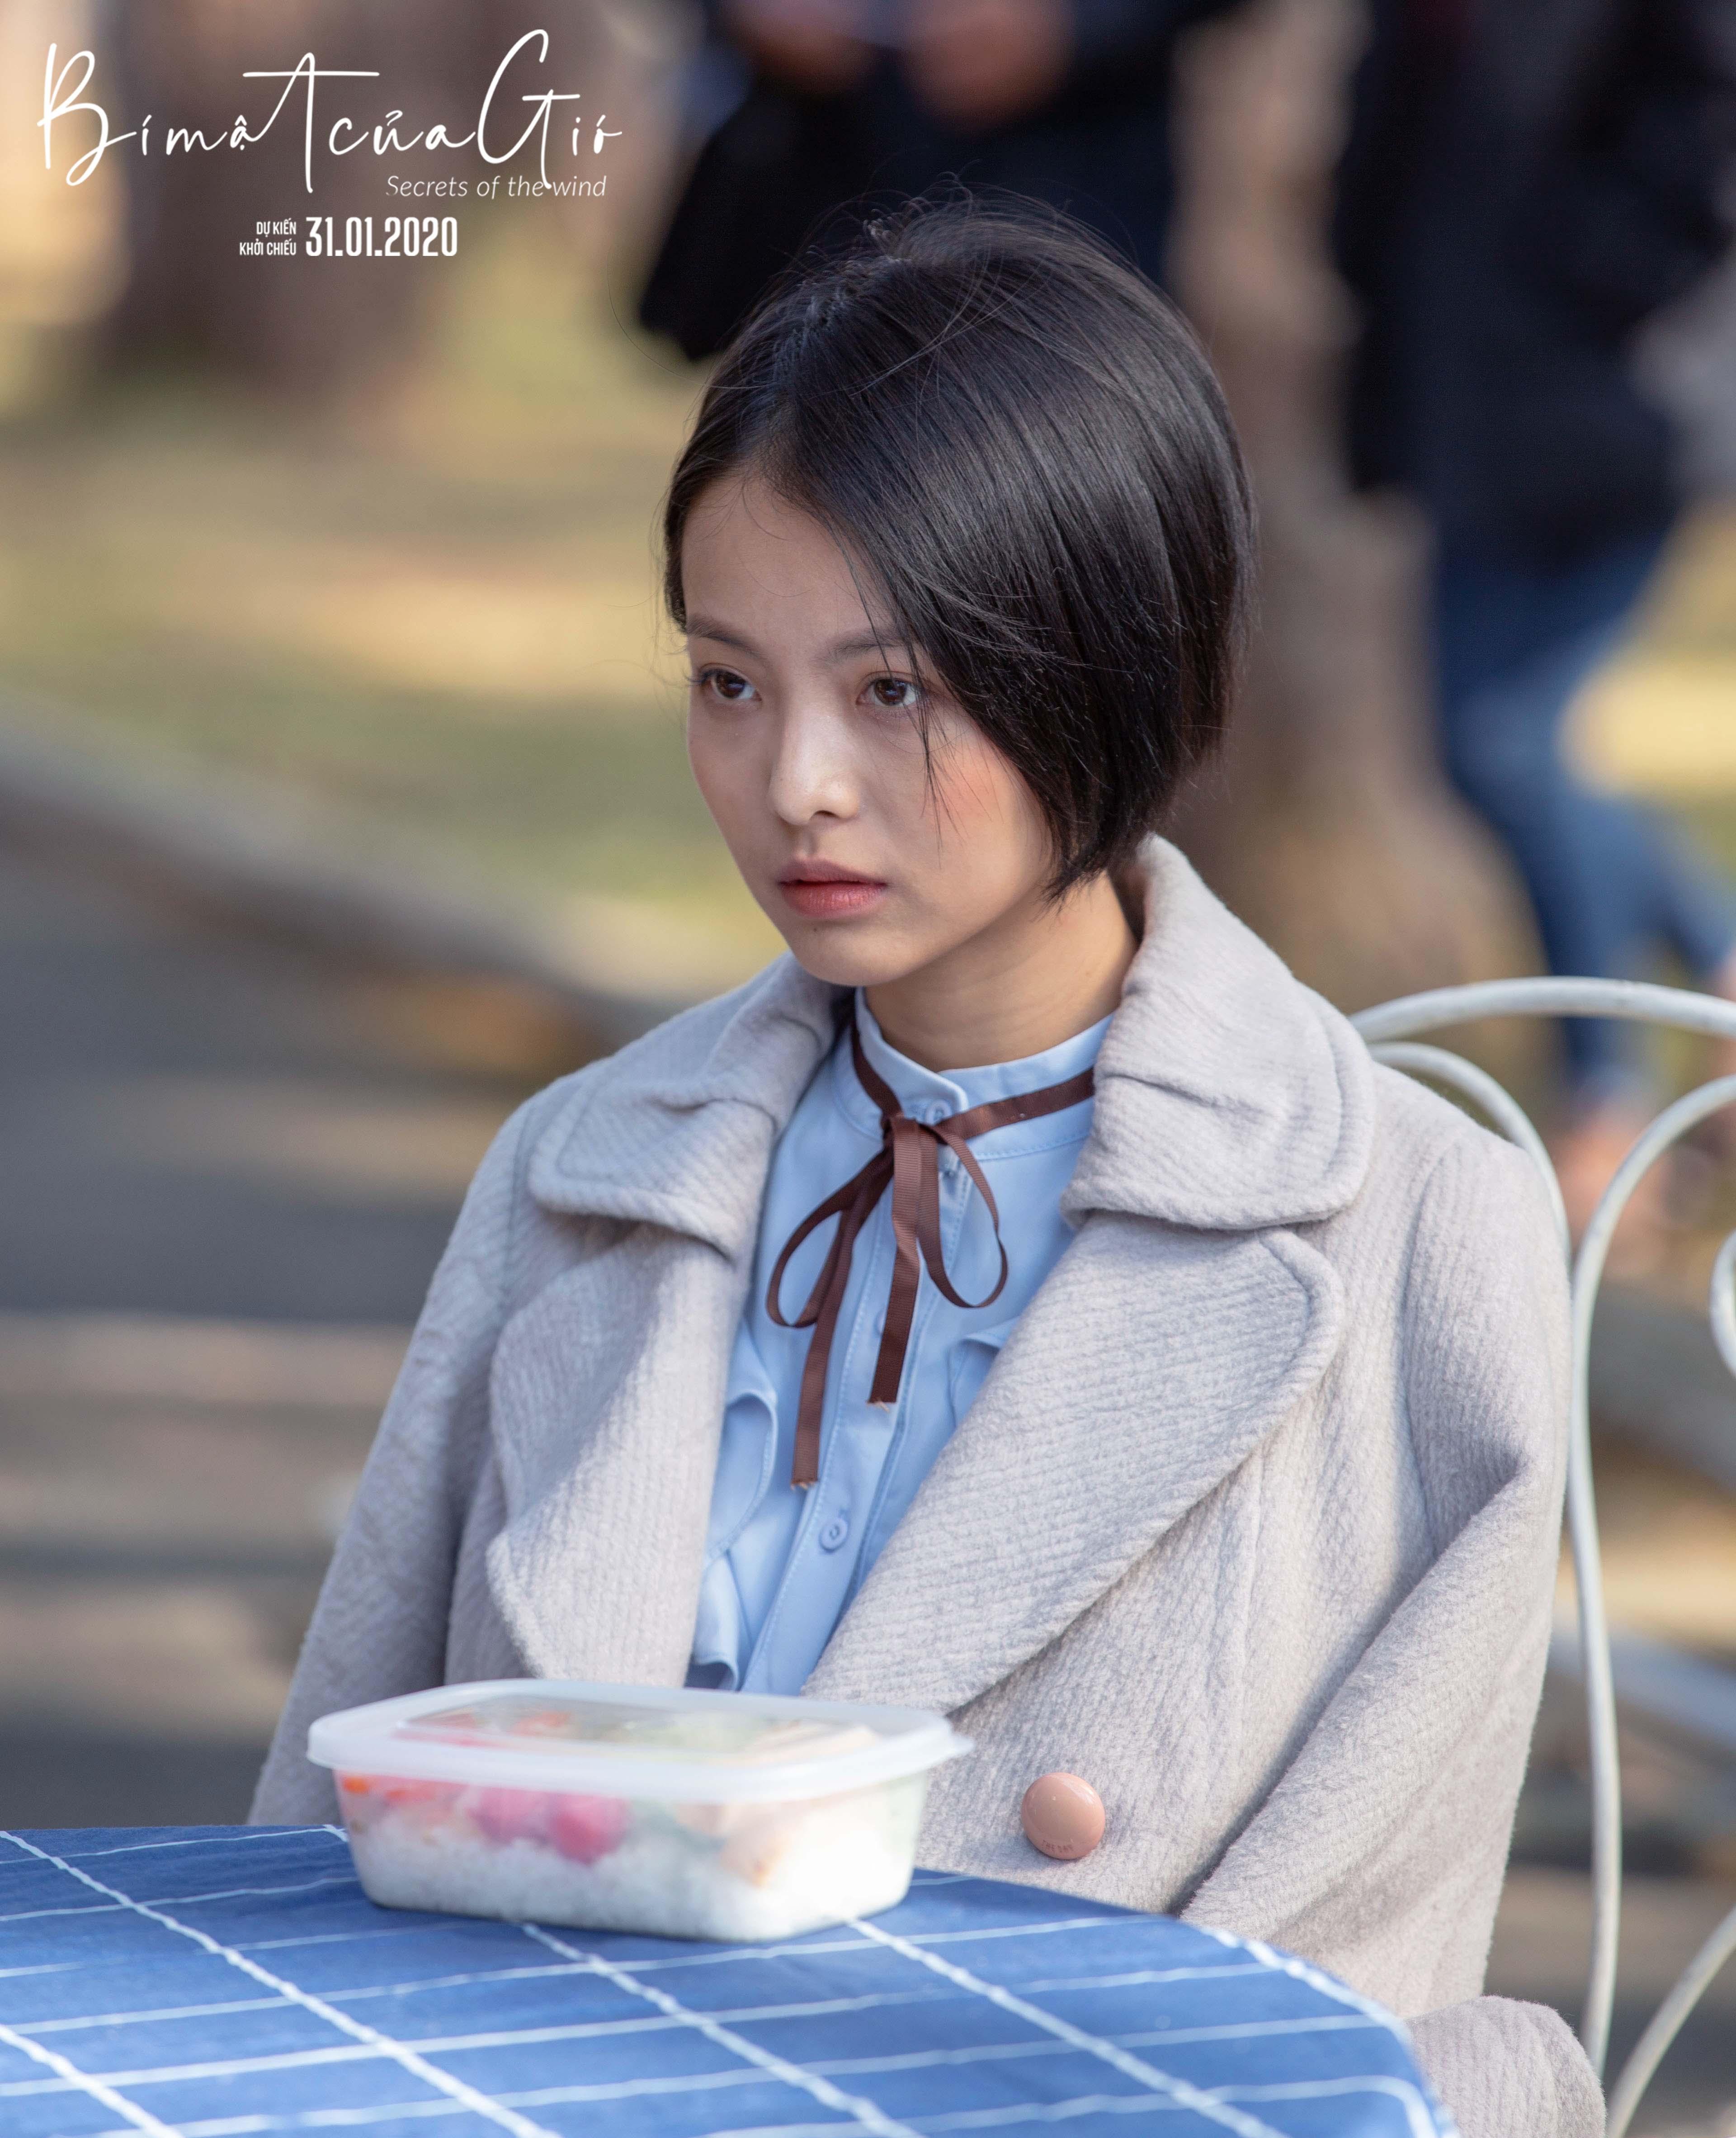 Hot-girl Yu Dương lột xác quyến rũ trongvai nữ sinh đỏng đảnh